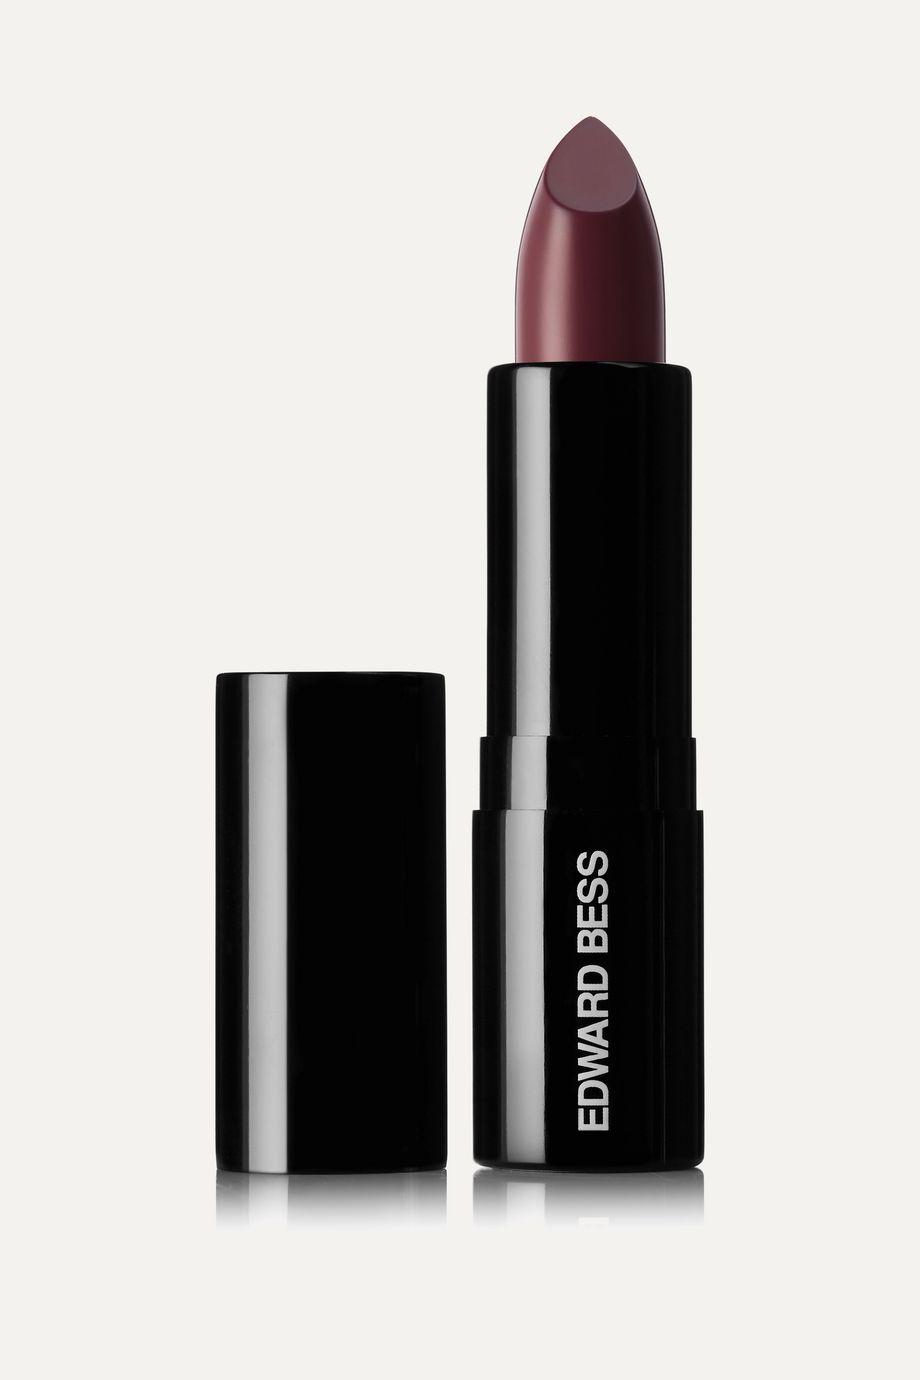 Edward Bess Ultra Slick Lipstick - Dangerous Dahlia